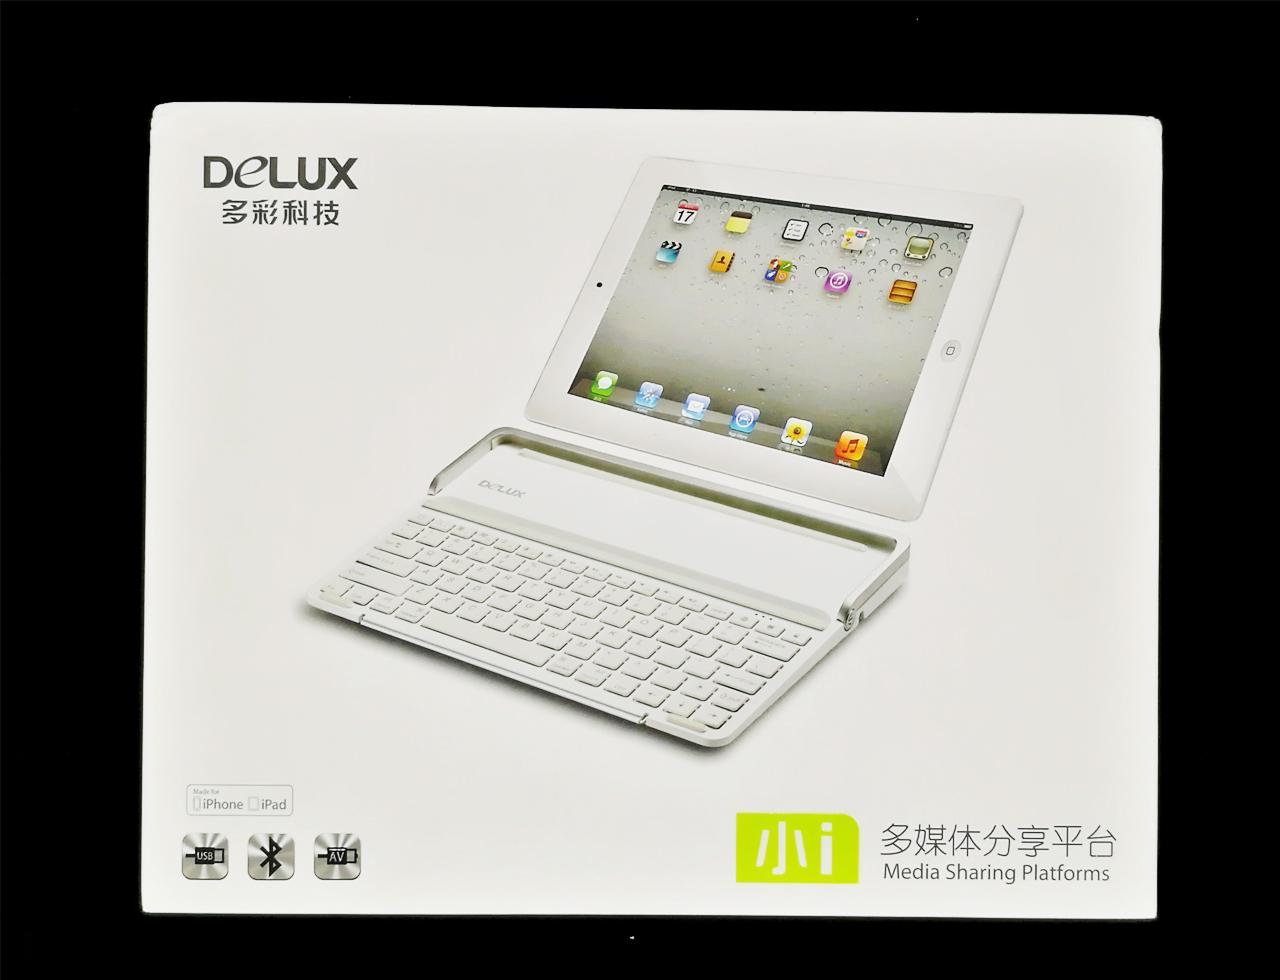 新到货145pcs ipad 平板电脑 新玩法 多彩小i 多媒体分享平台 蓝牙 平板键盘